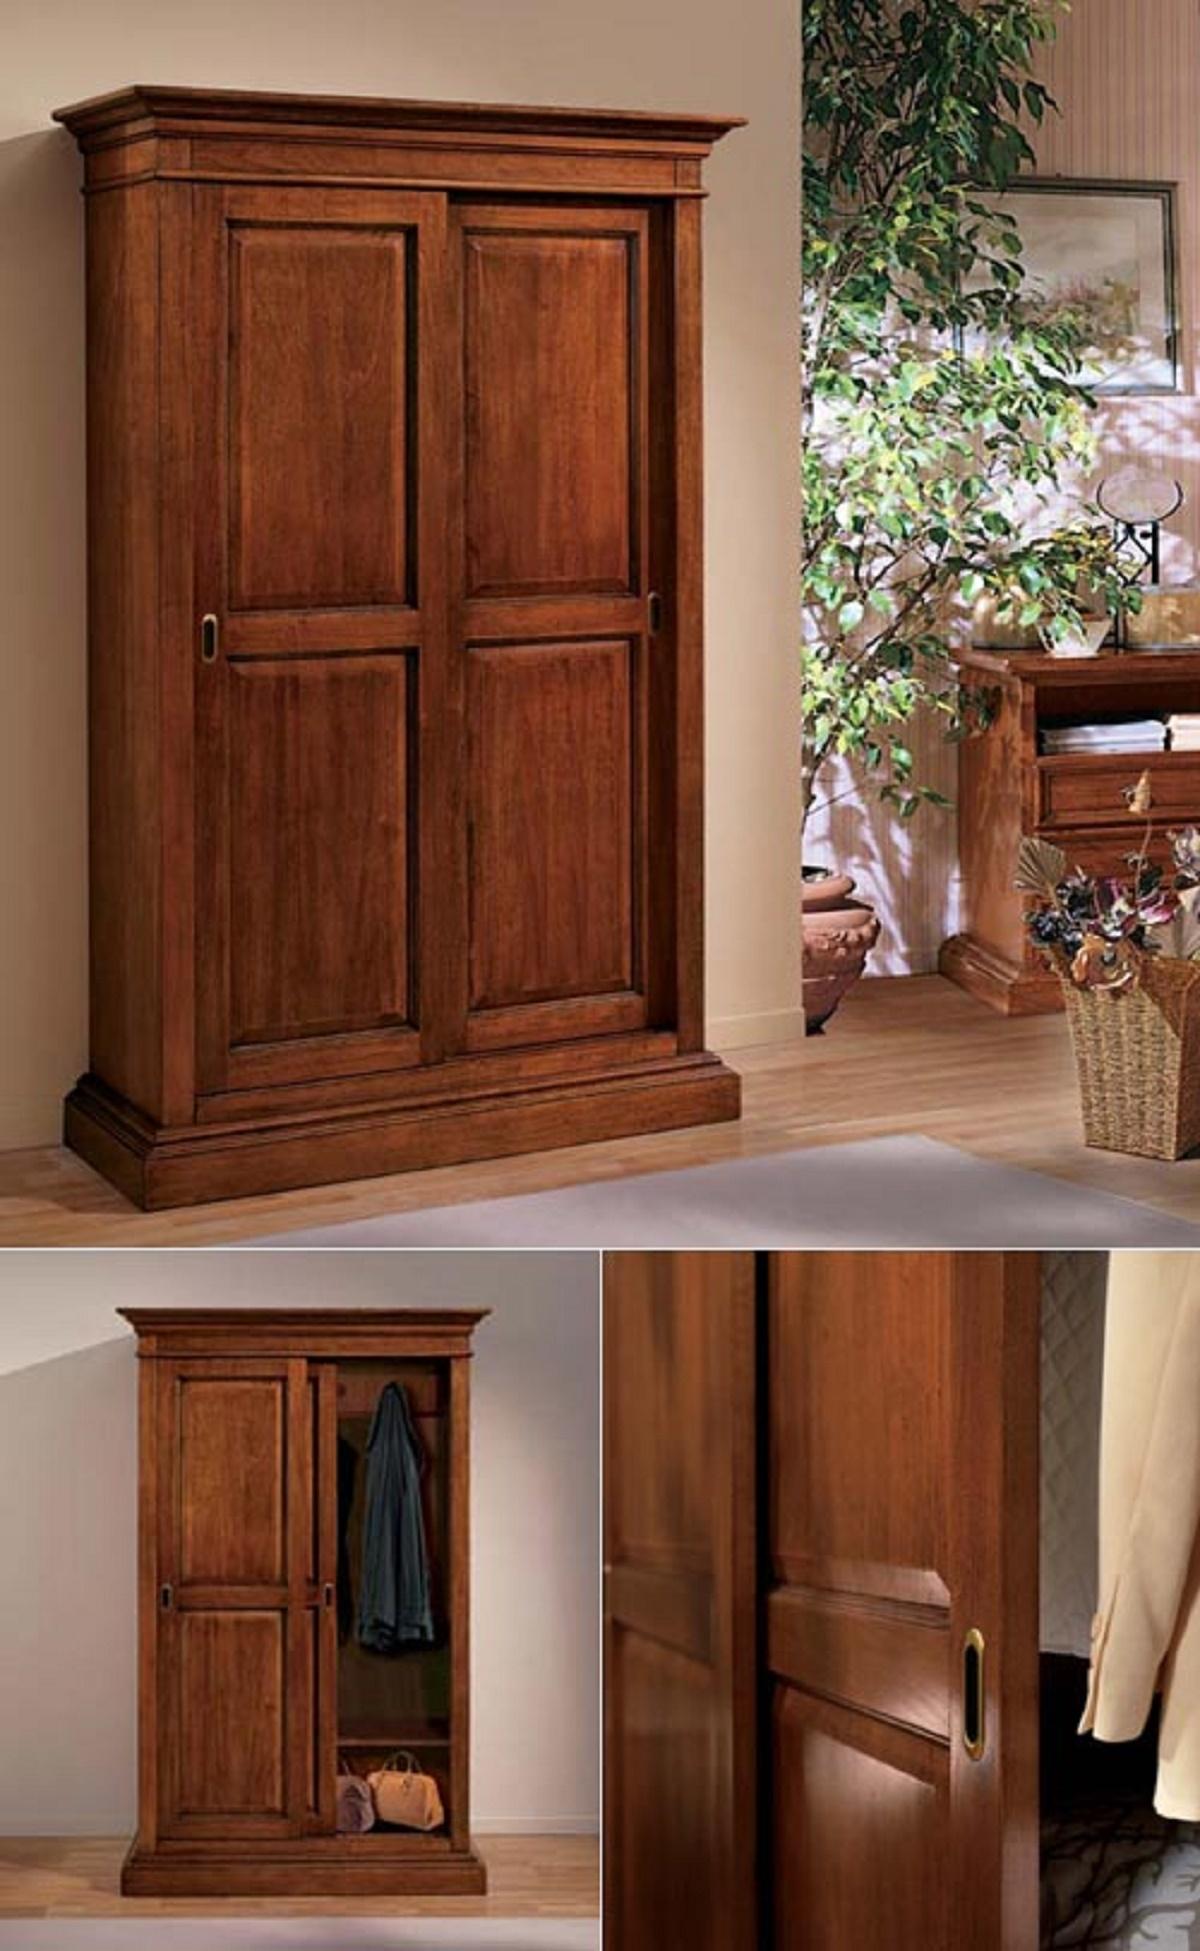 Dimensioni armadio ante scorrevoli armadio bombato ante su misura with dimensioni armadio ante - Cucine con ante scorrevoli ...